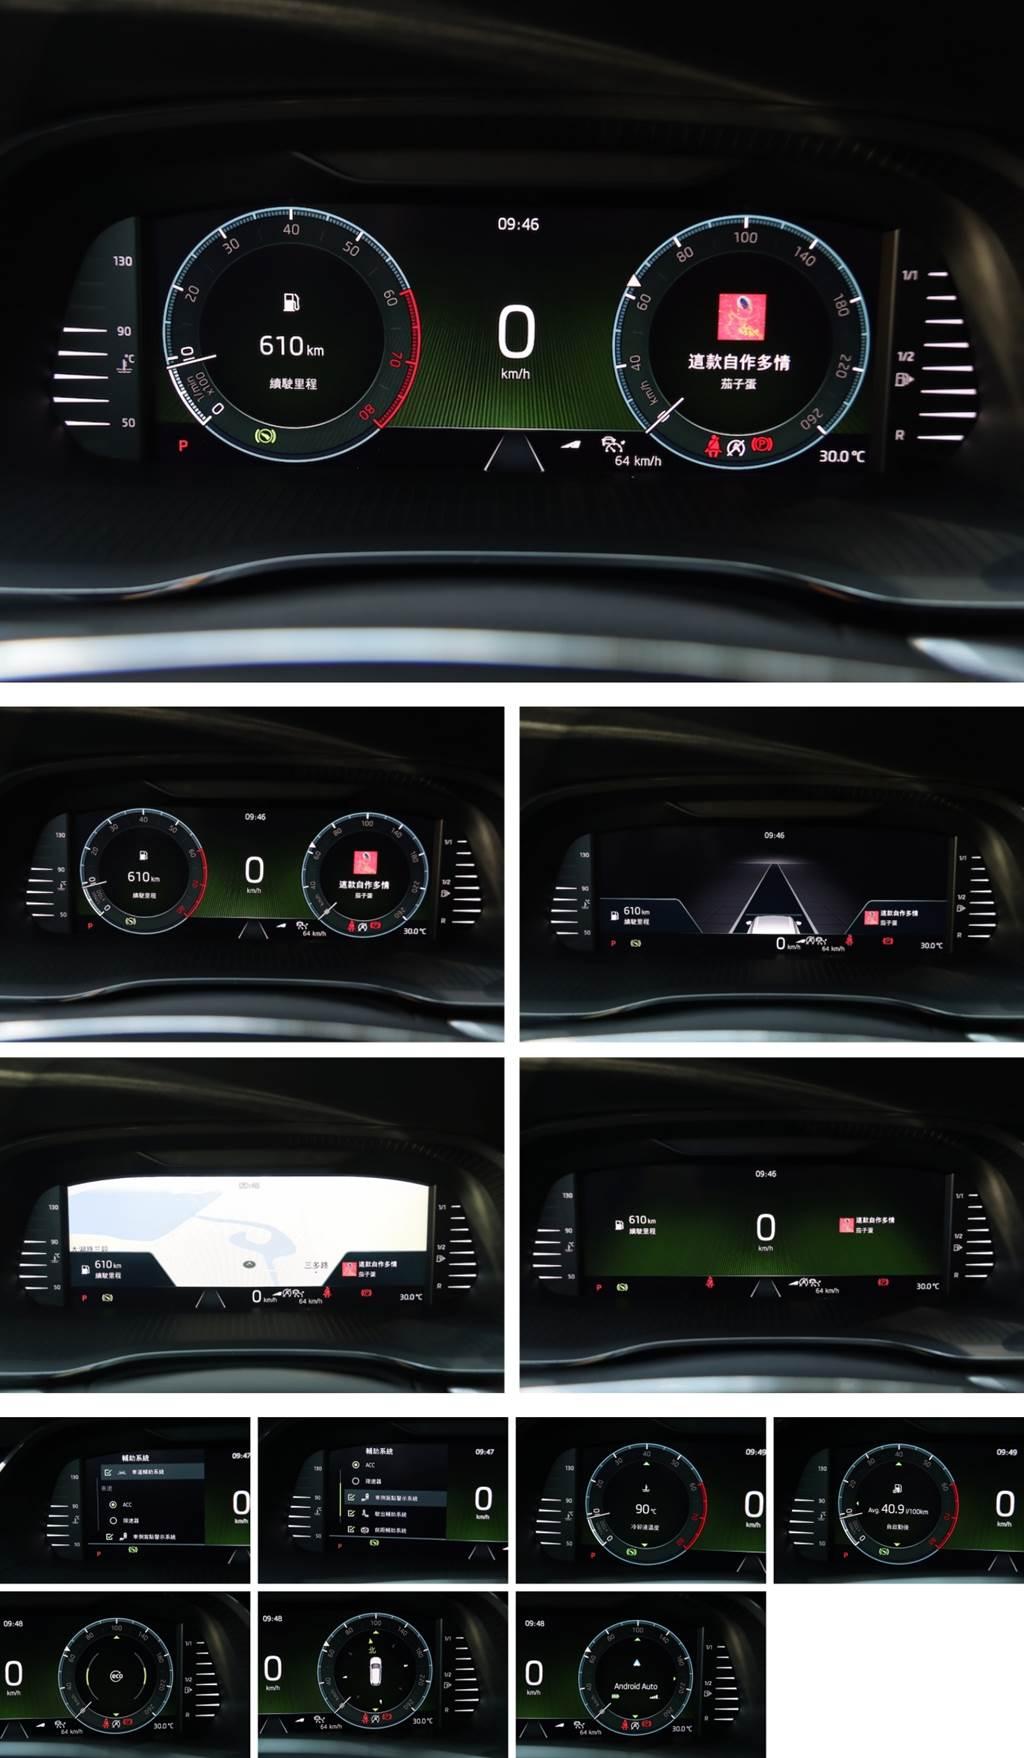 新精緻家旅 Škoda Octavia Combi 2.0TSI 4X4新車試駕(圖/CarStuff)